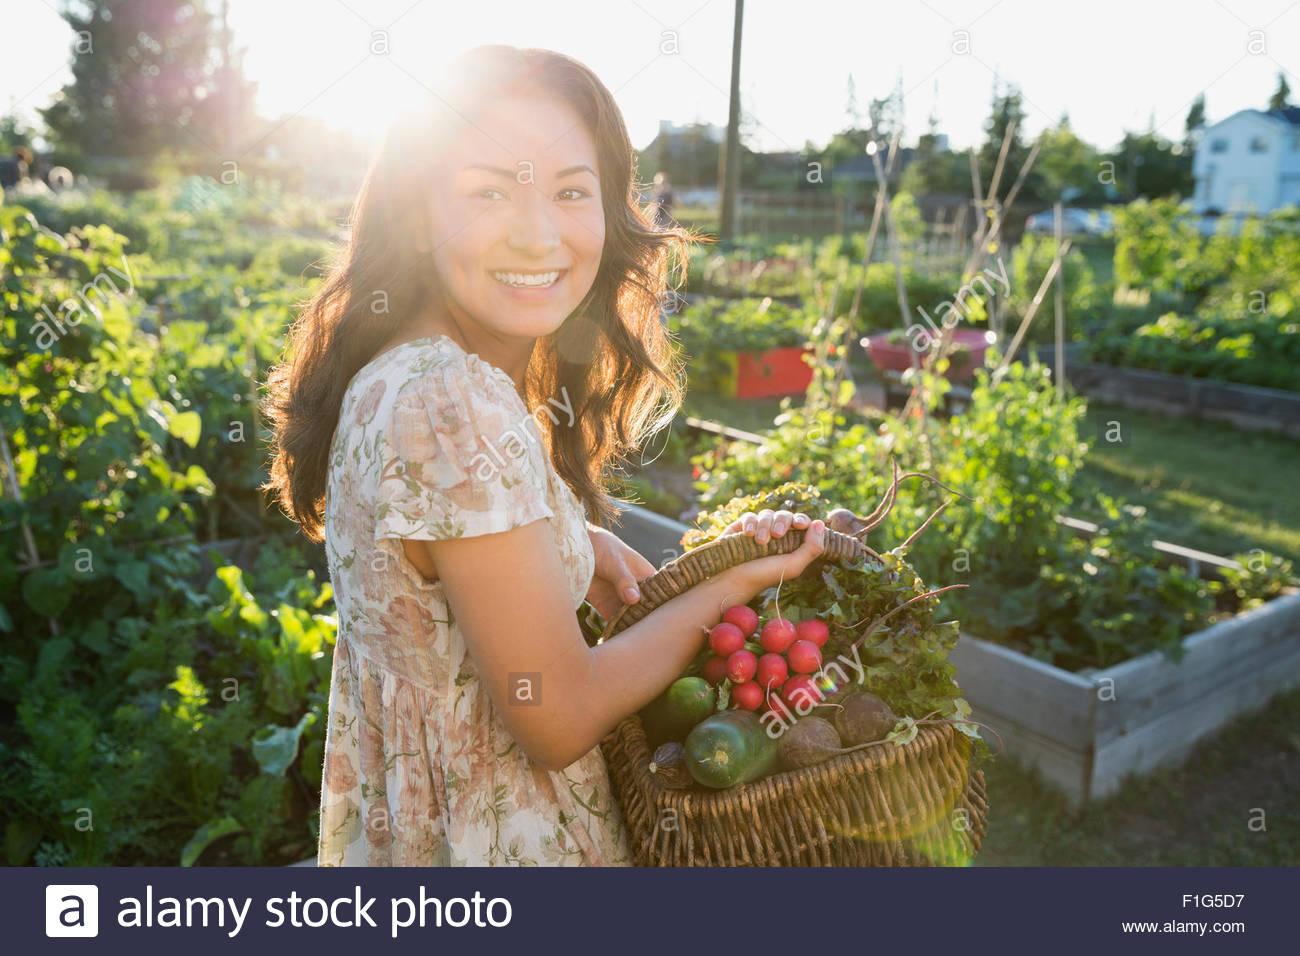 Lächelnd Teenagerin, die Ernte von Gemüse im Garten Stockbild